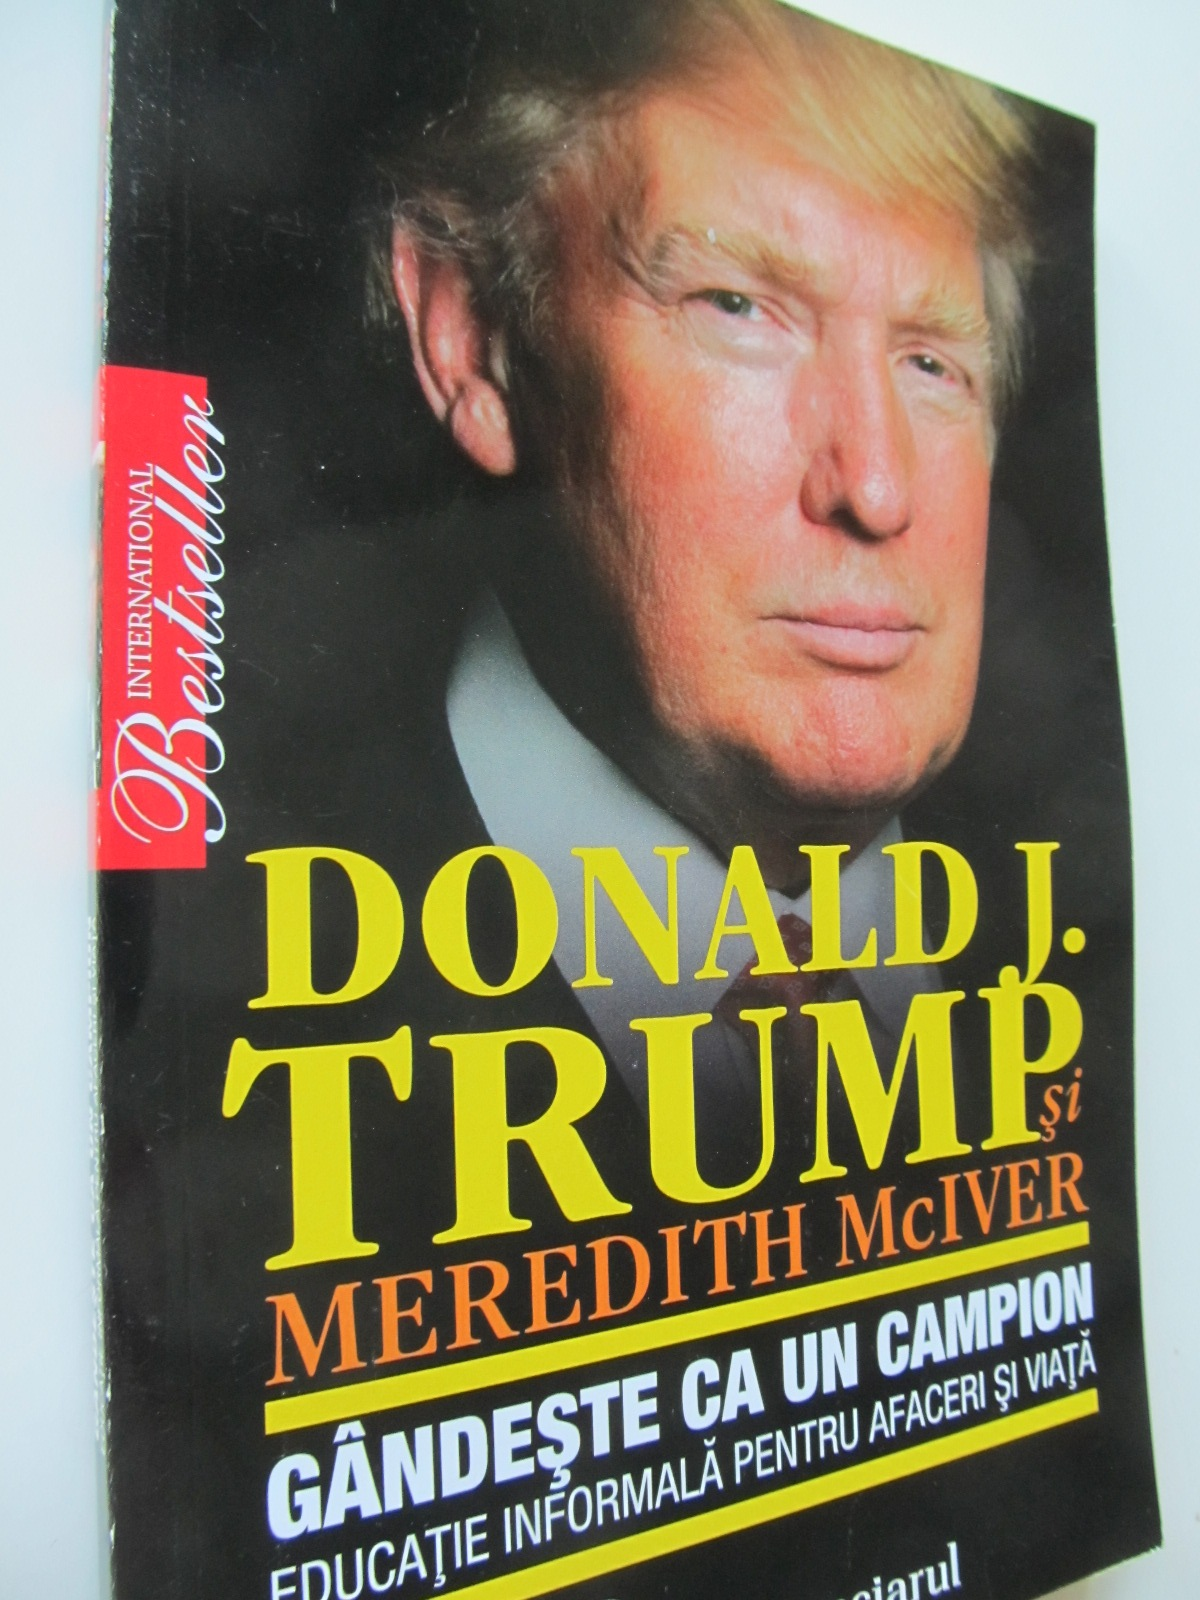 Gandeste ca un campion Educatie informala pentru afaceri si viata - Donald Trump , Meredith McIver | Detalii carte